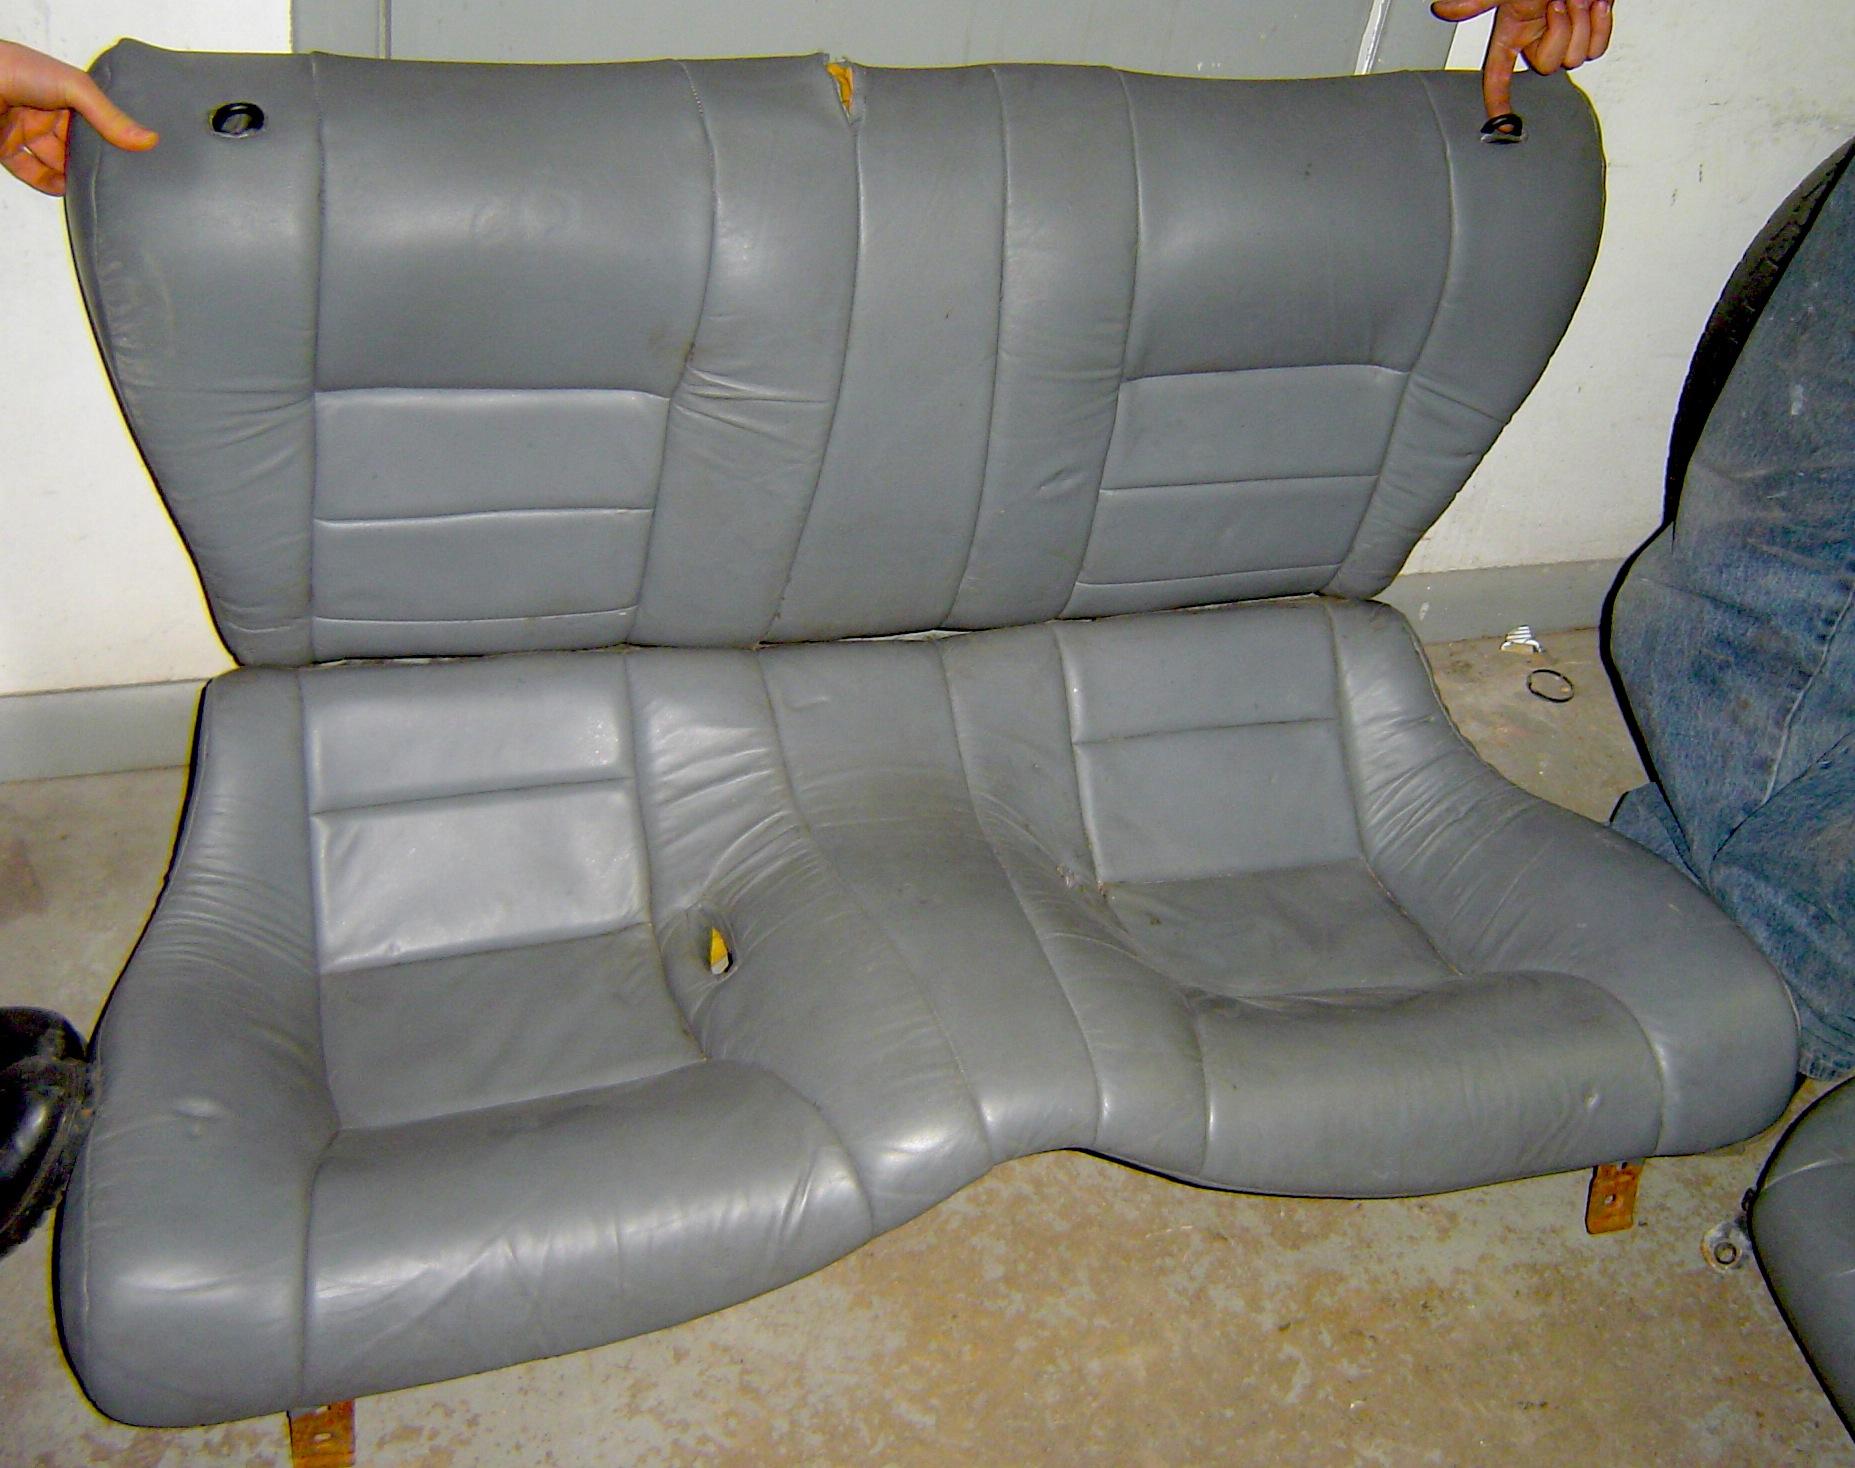 1990 Nissan 300zx Fuse Box Diagram On 90 Miata Interior Fuse Box